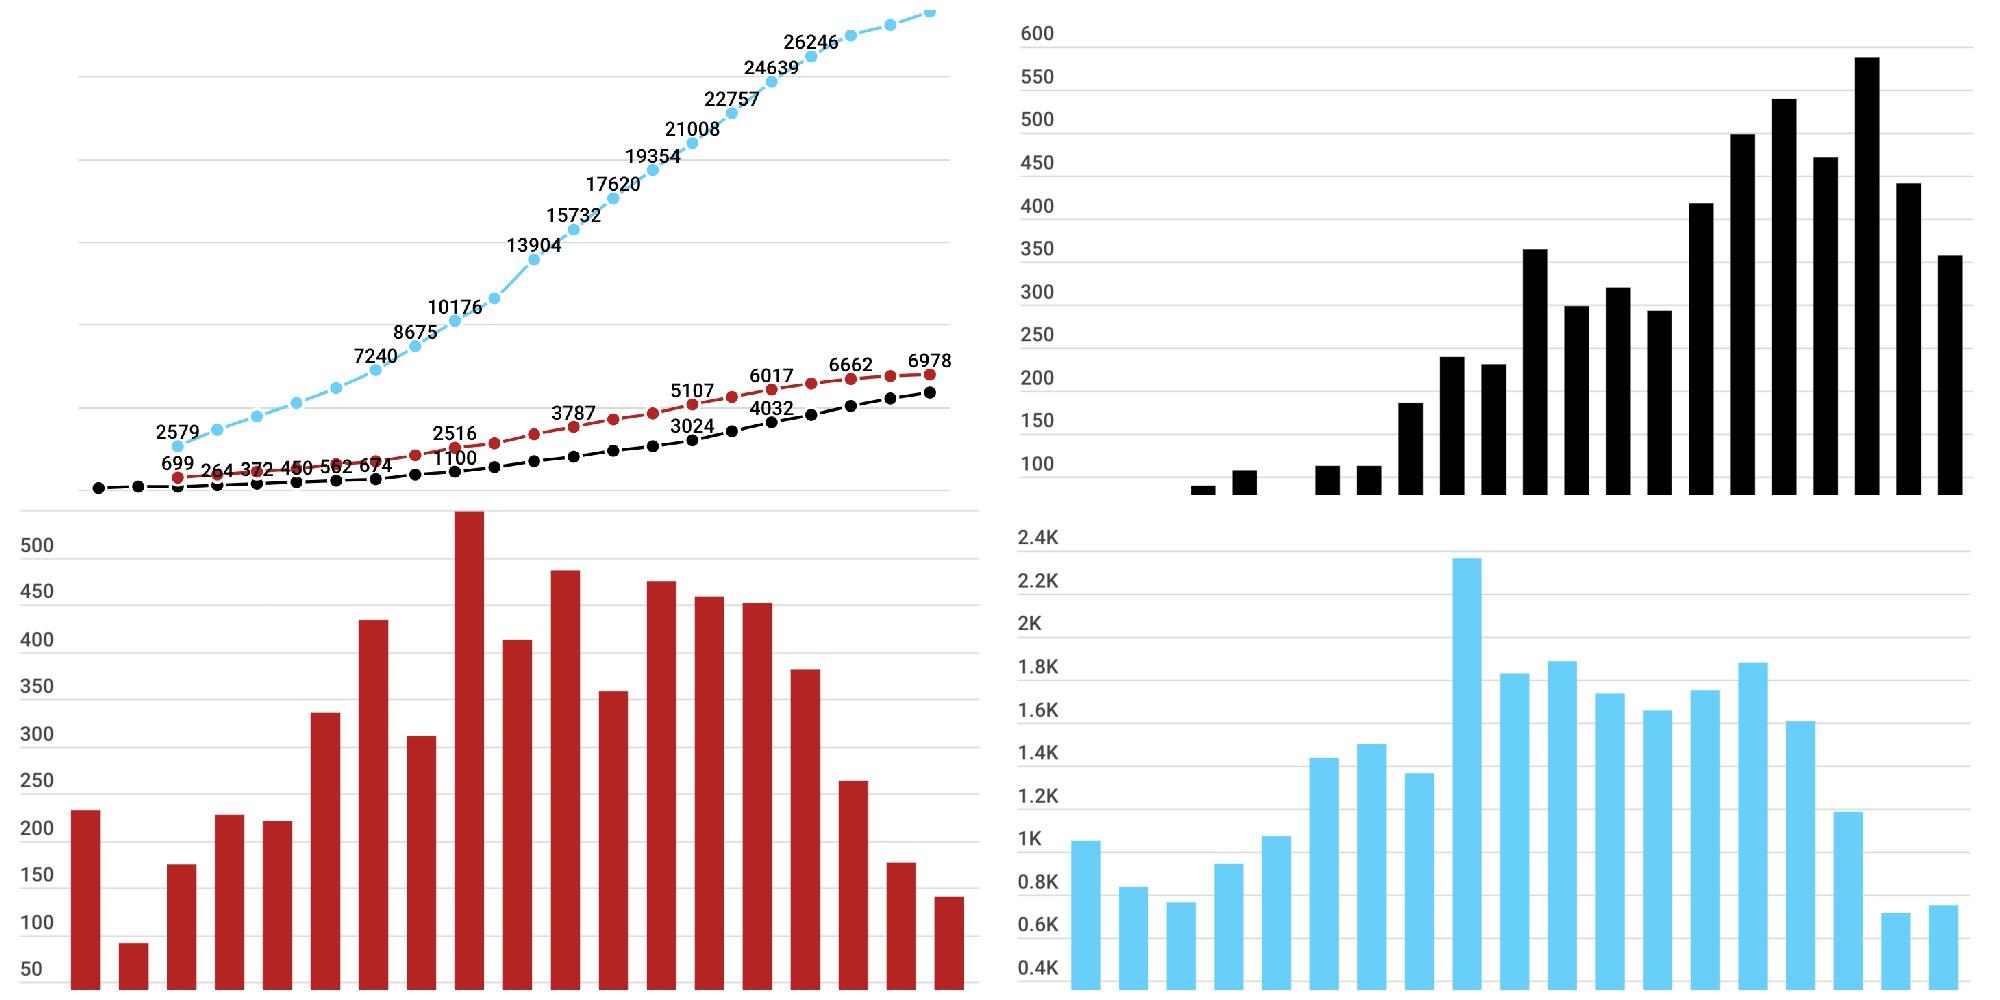 Infographies Coronavirus Voici Les Indicateurs A Regarder Pour Suivre L Evolution De La Pandemie